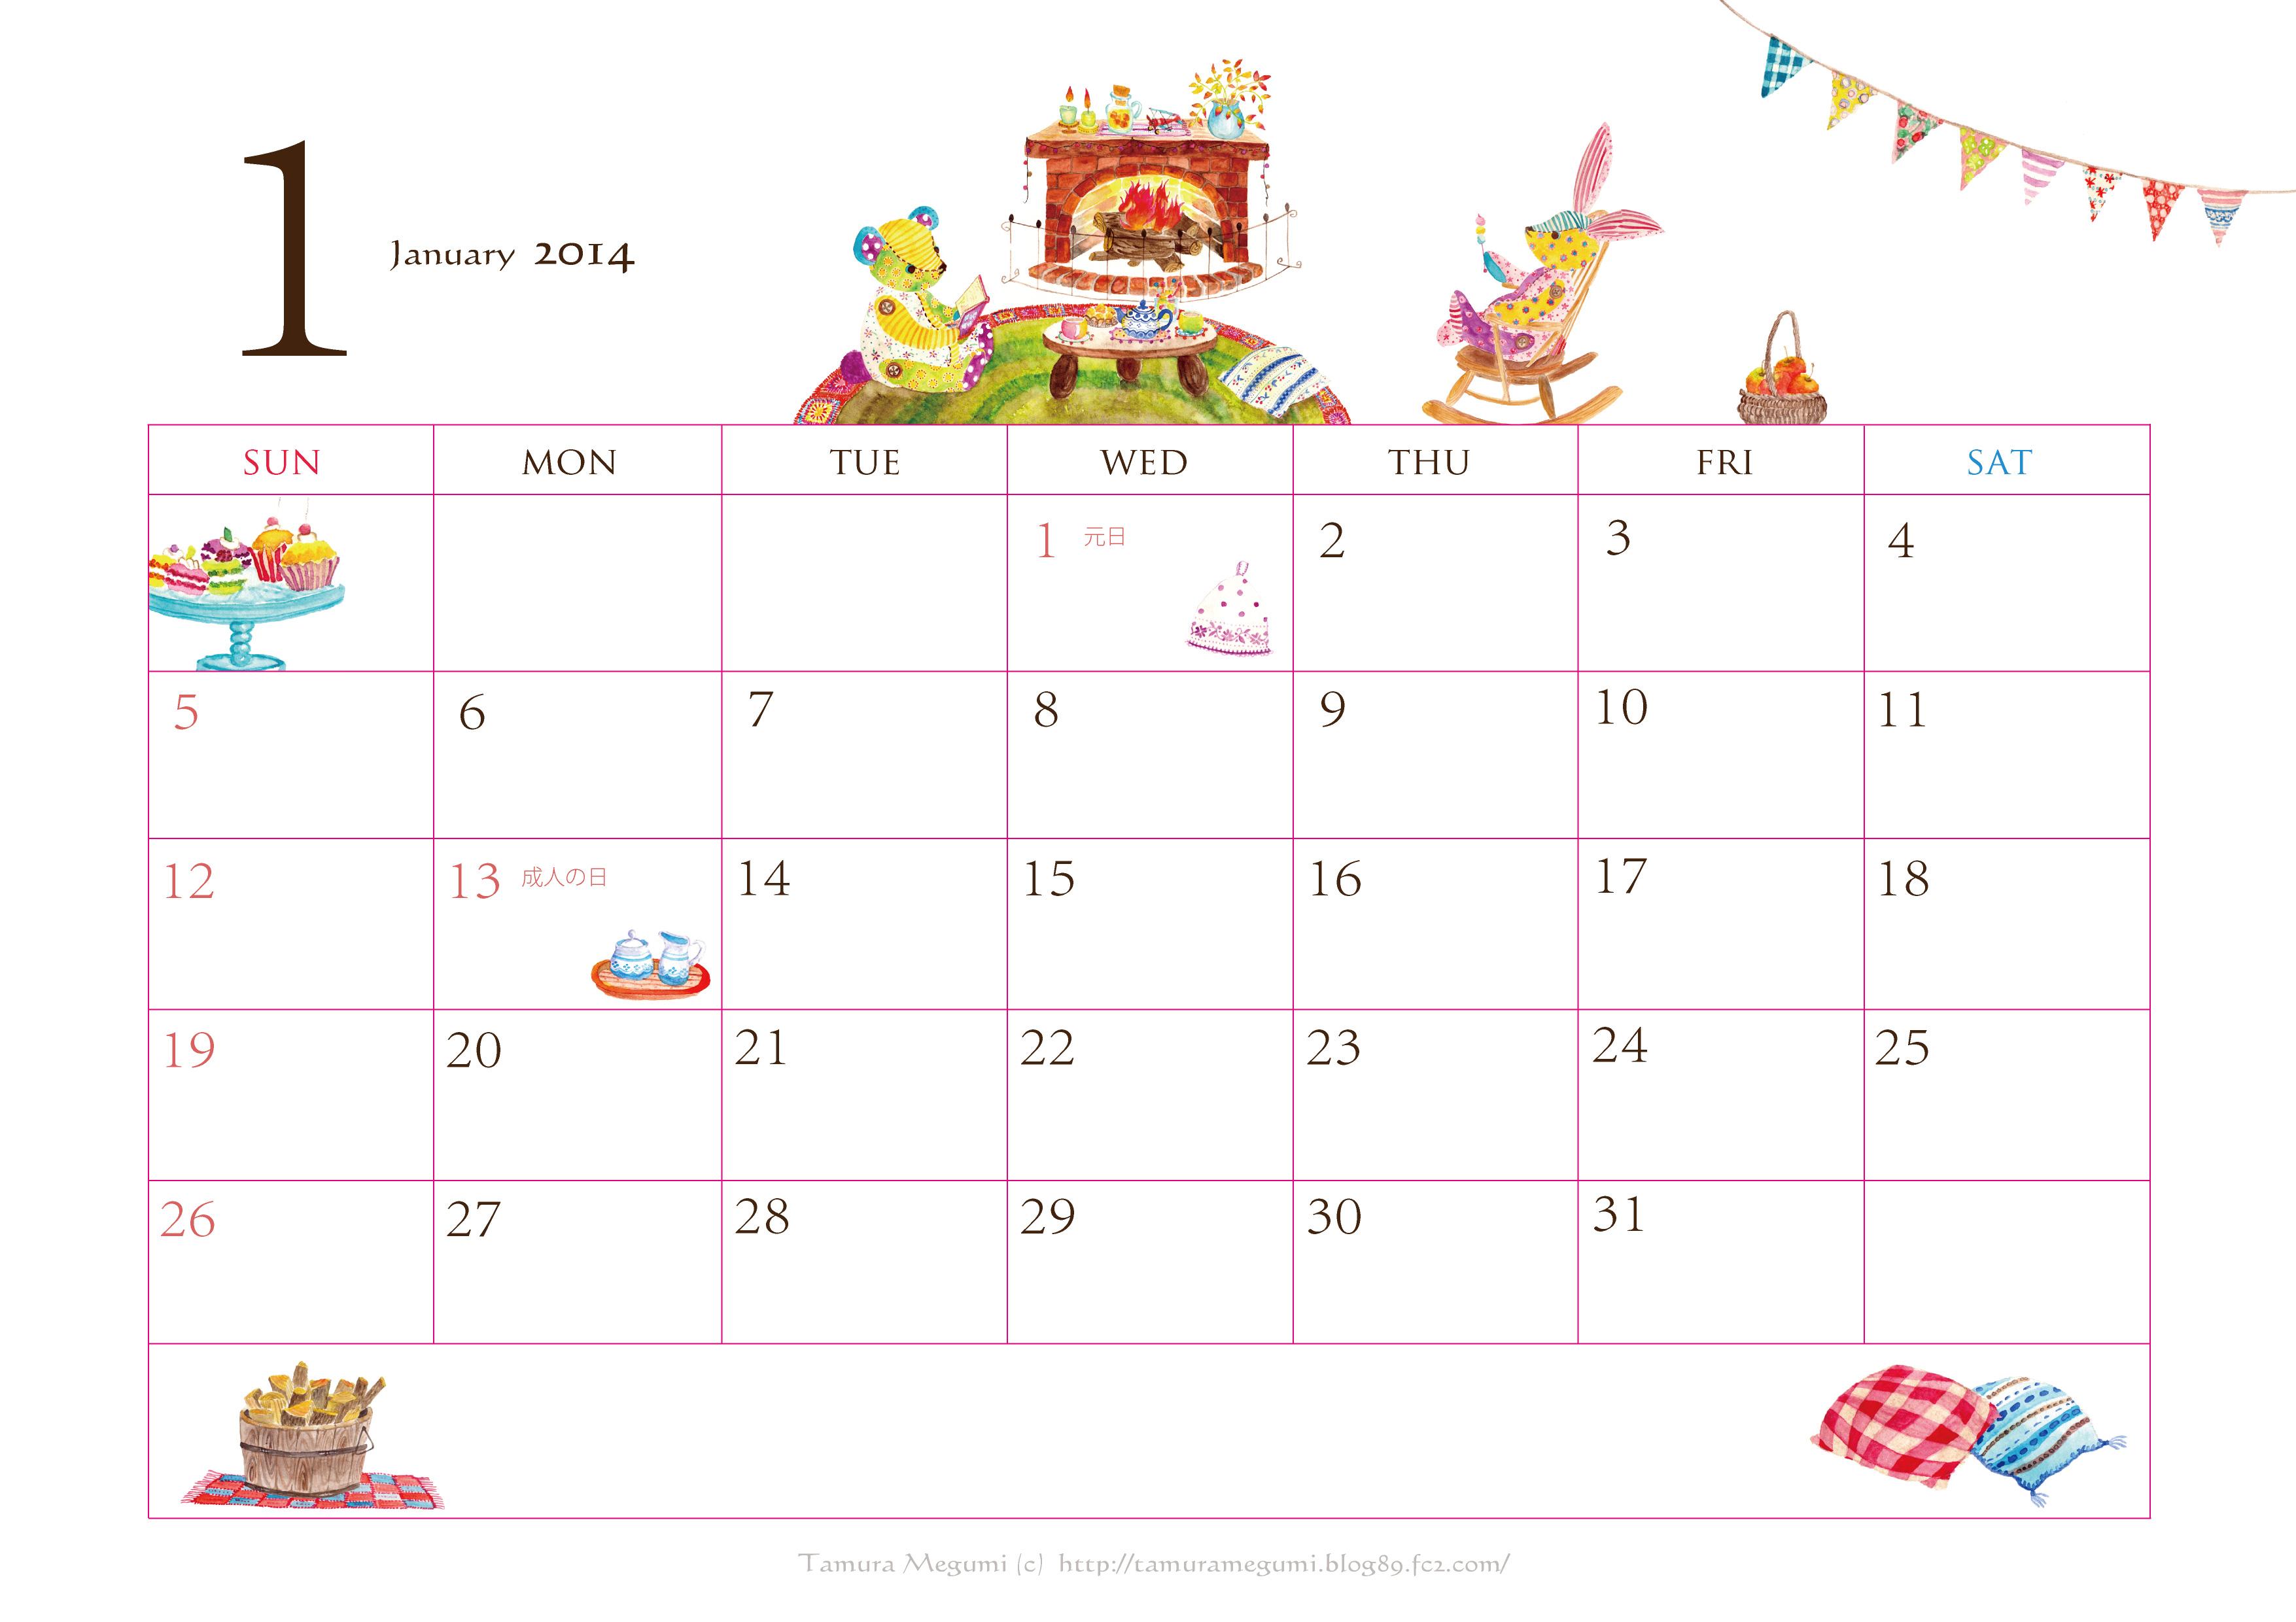 カレンダー カレンダー 2014 ダウンロード 無料 かわいい : ... 2014年 フリーカレンダー